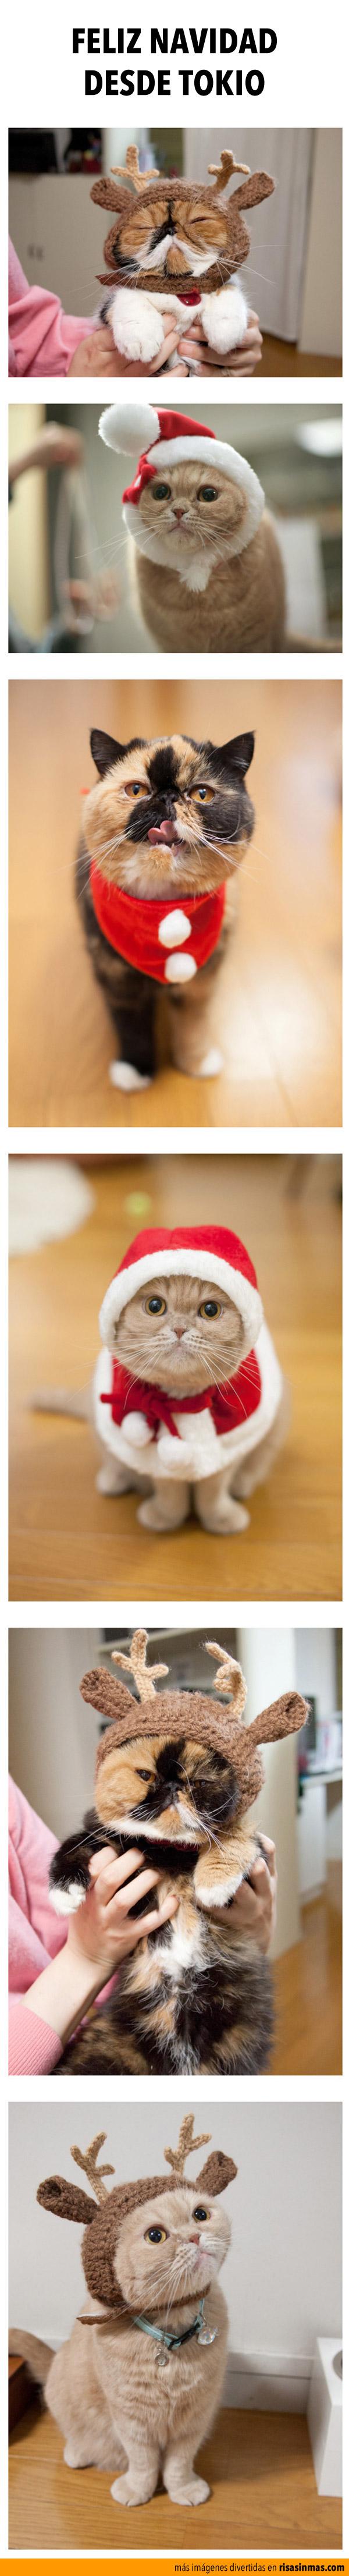 Feliz Navidad desde Tokio